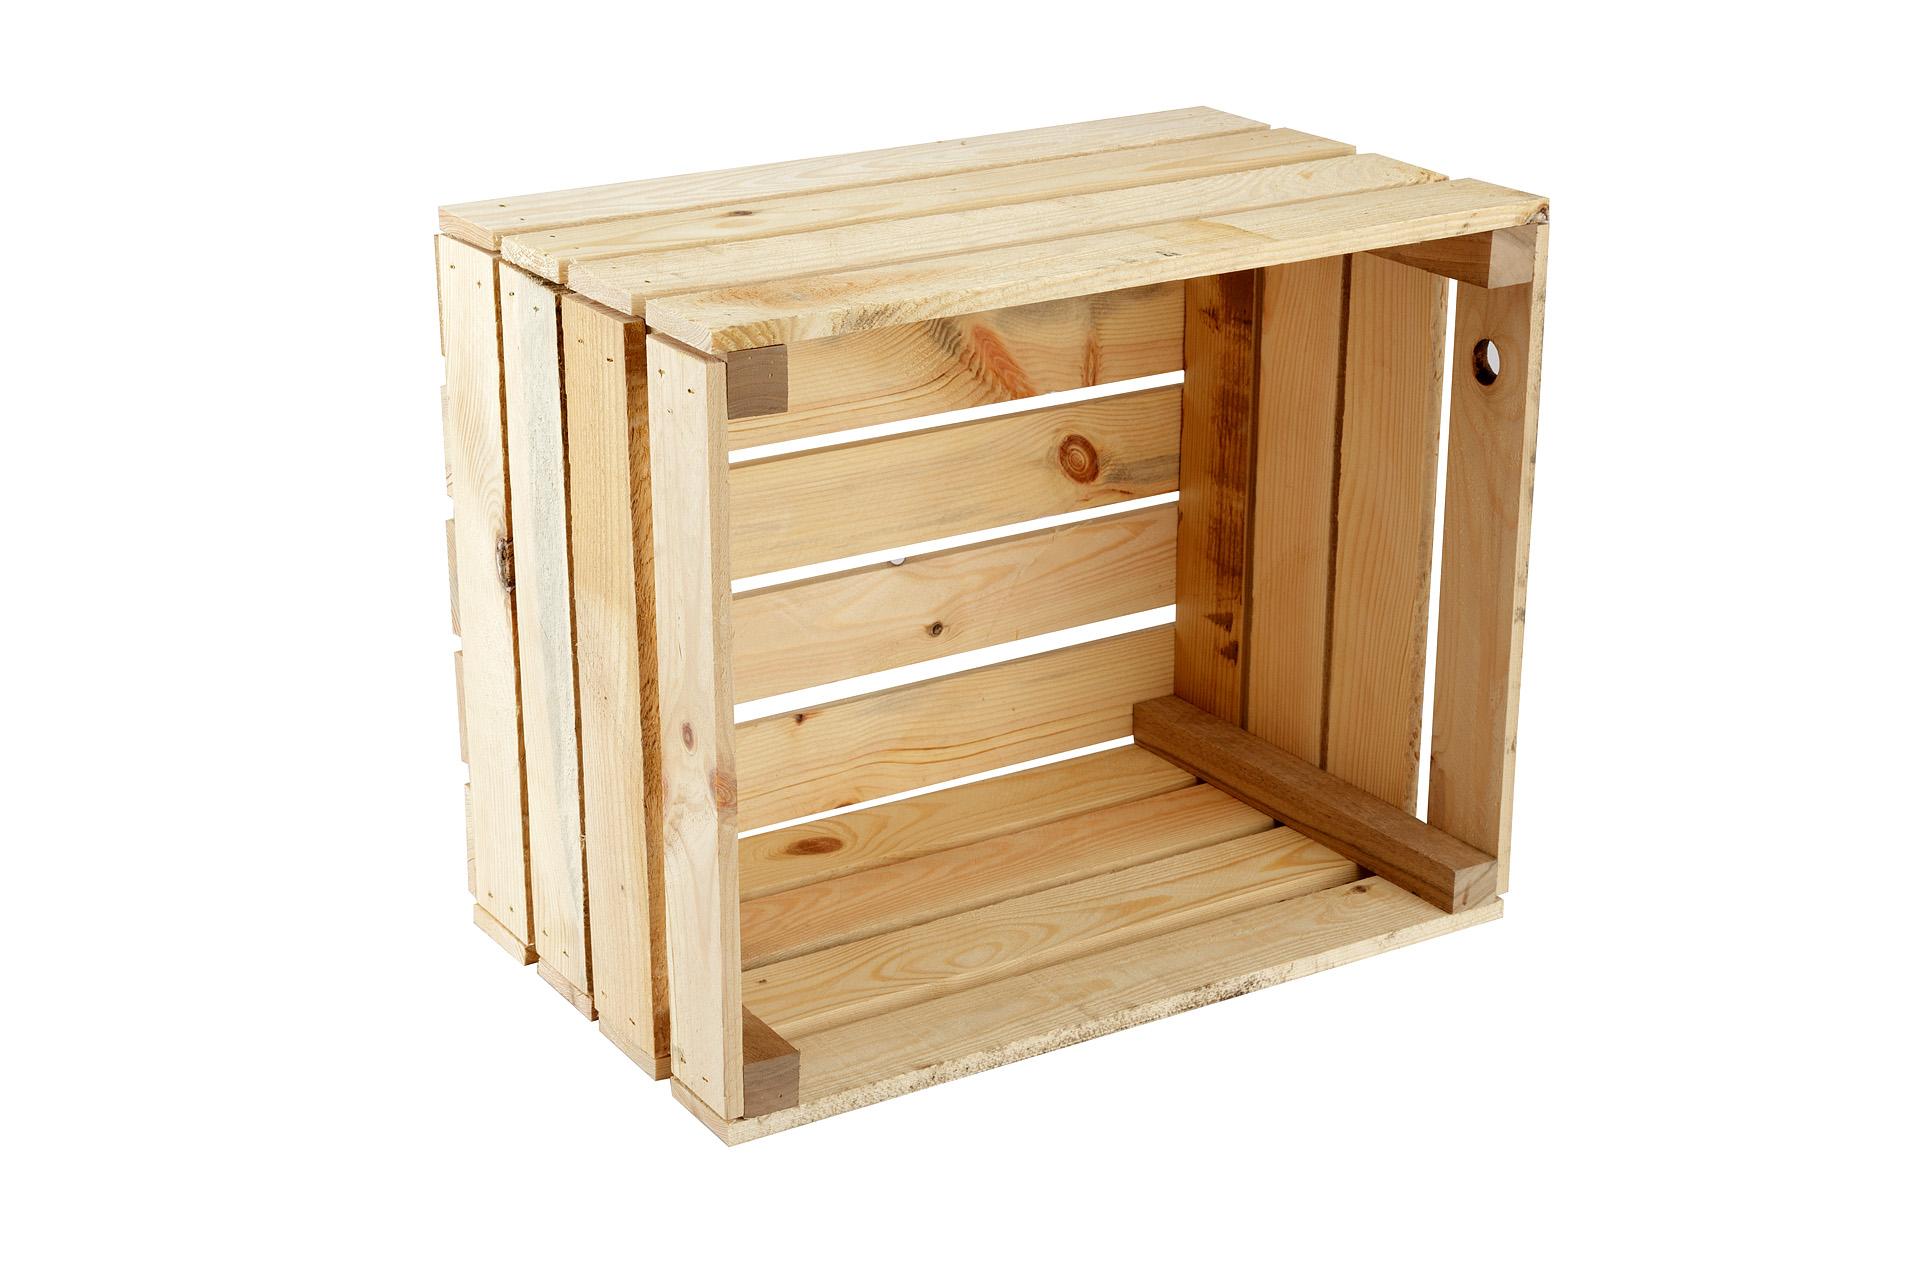 Caisse De Vin Déco caisse non traité natural-box, caisse à vin, caisse à fruits, caisse de  décoration, rangement vintage shabby chic, caisse à bois de chauffage